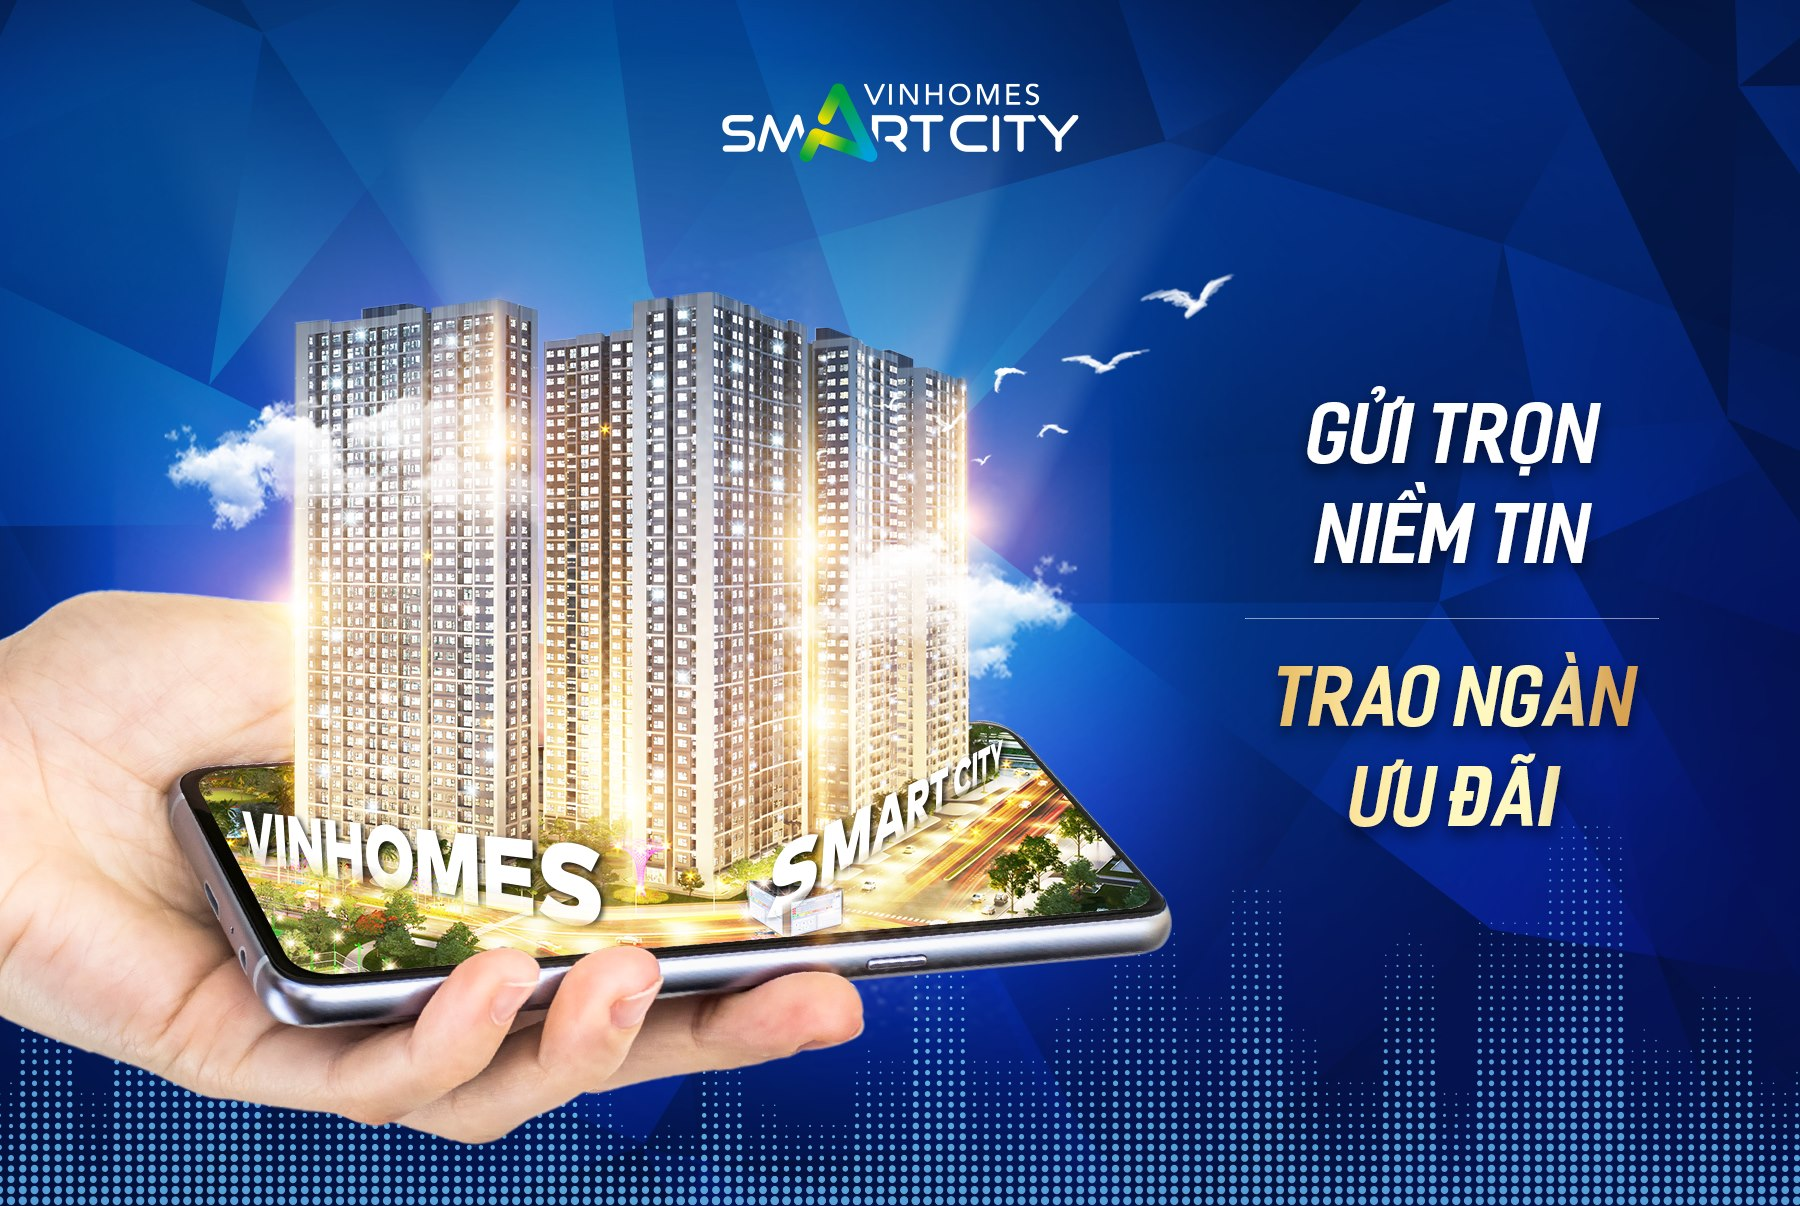 chinh-sach-ban-hang-hap-dan-smart-city